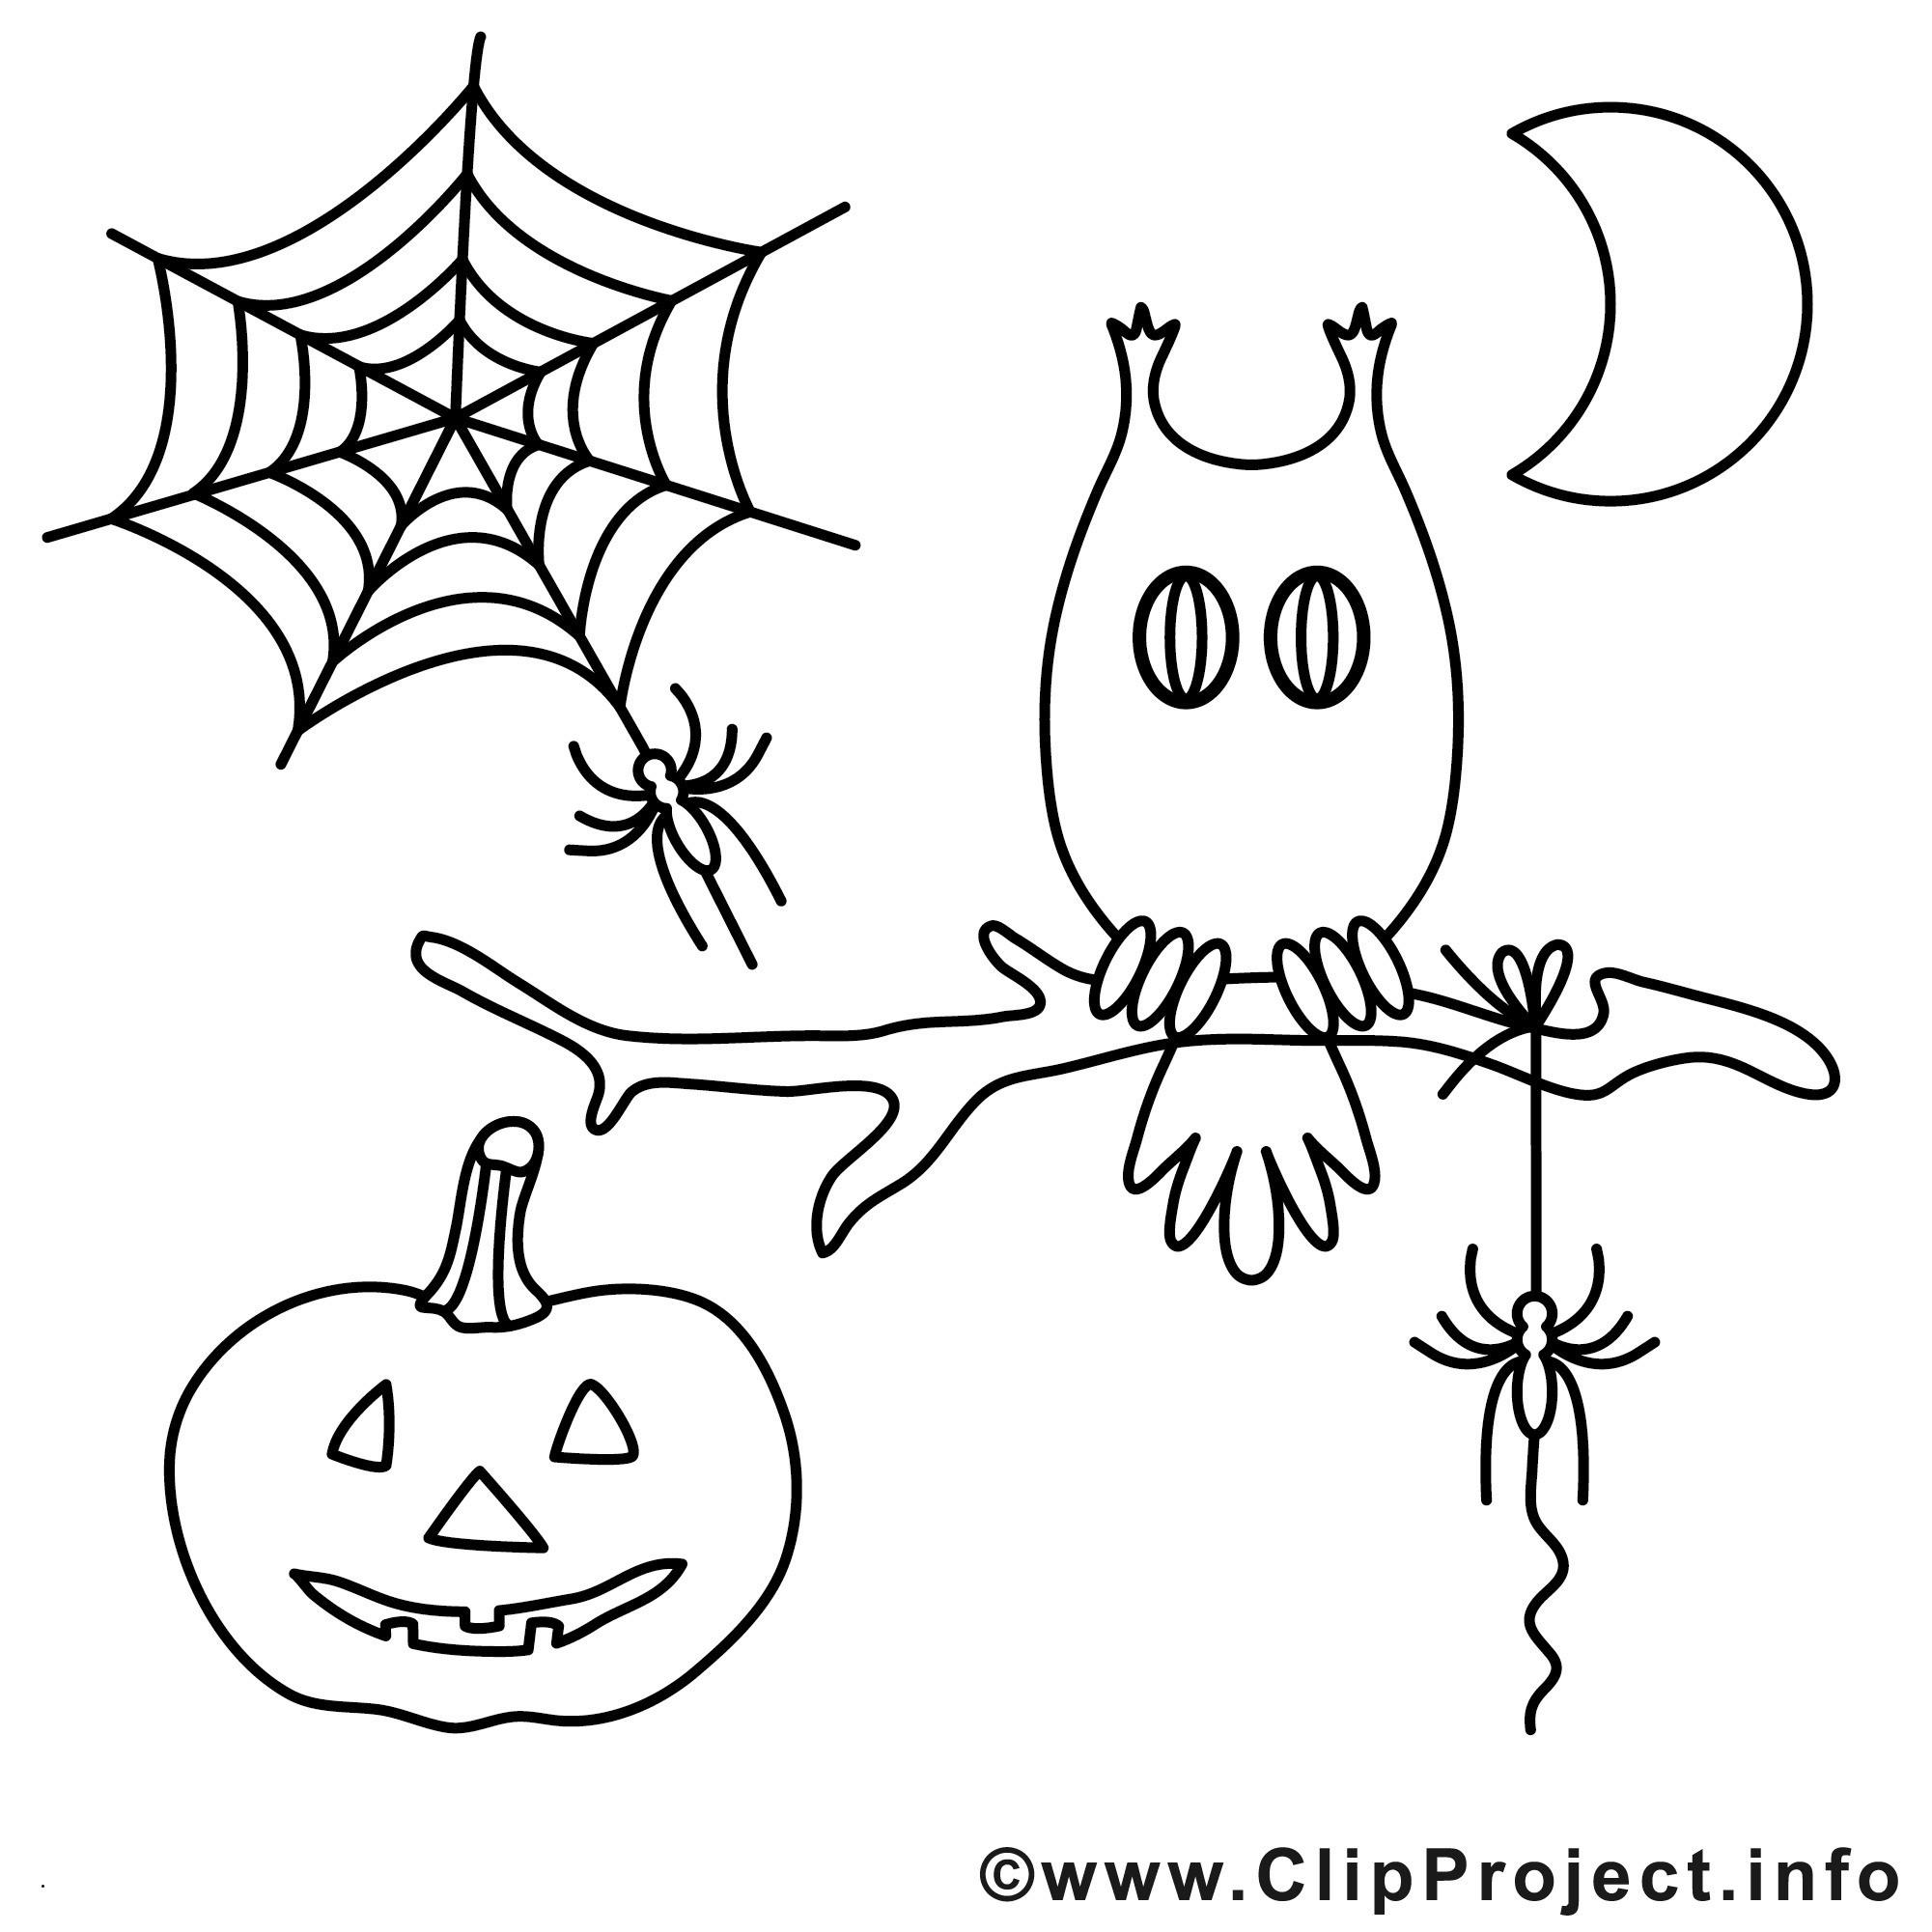 Halloween Ausmalbilder Spinne Das Beste Von Halloween Malvorlage Gratis Herunterladen Frisch Ausmalbilder Neu Fotografieren